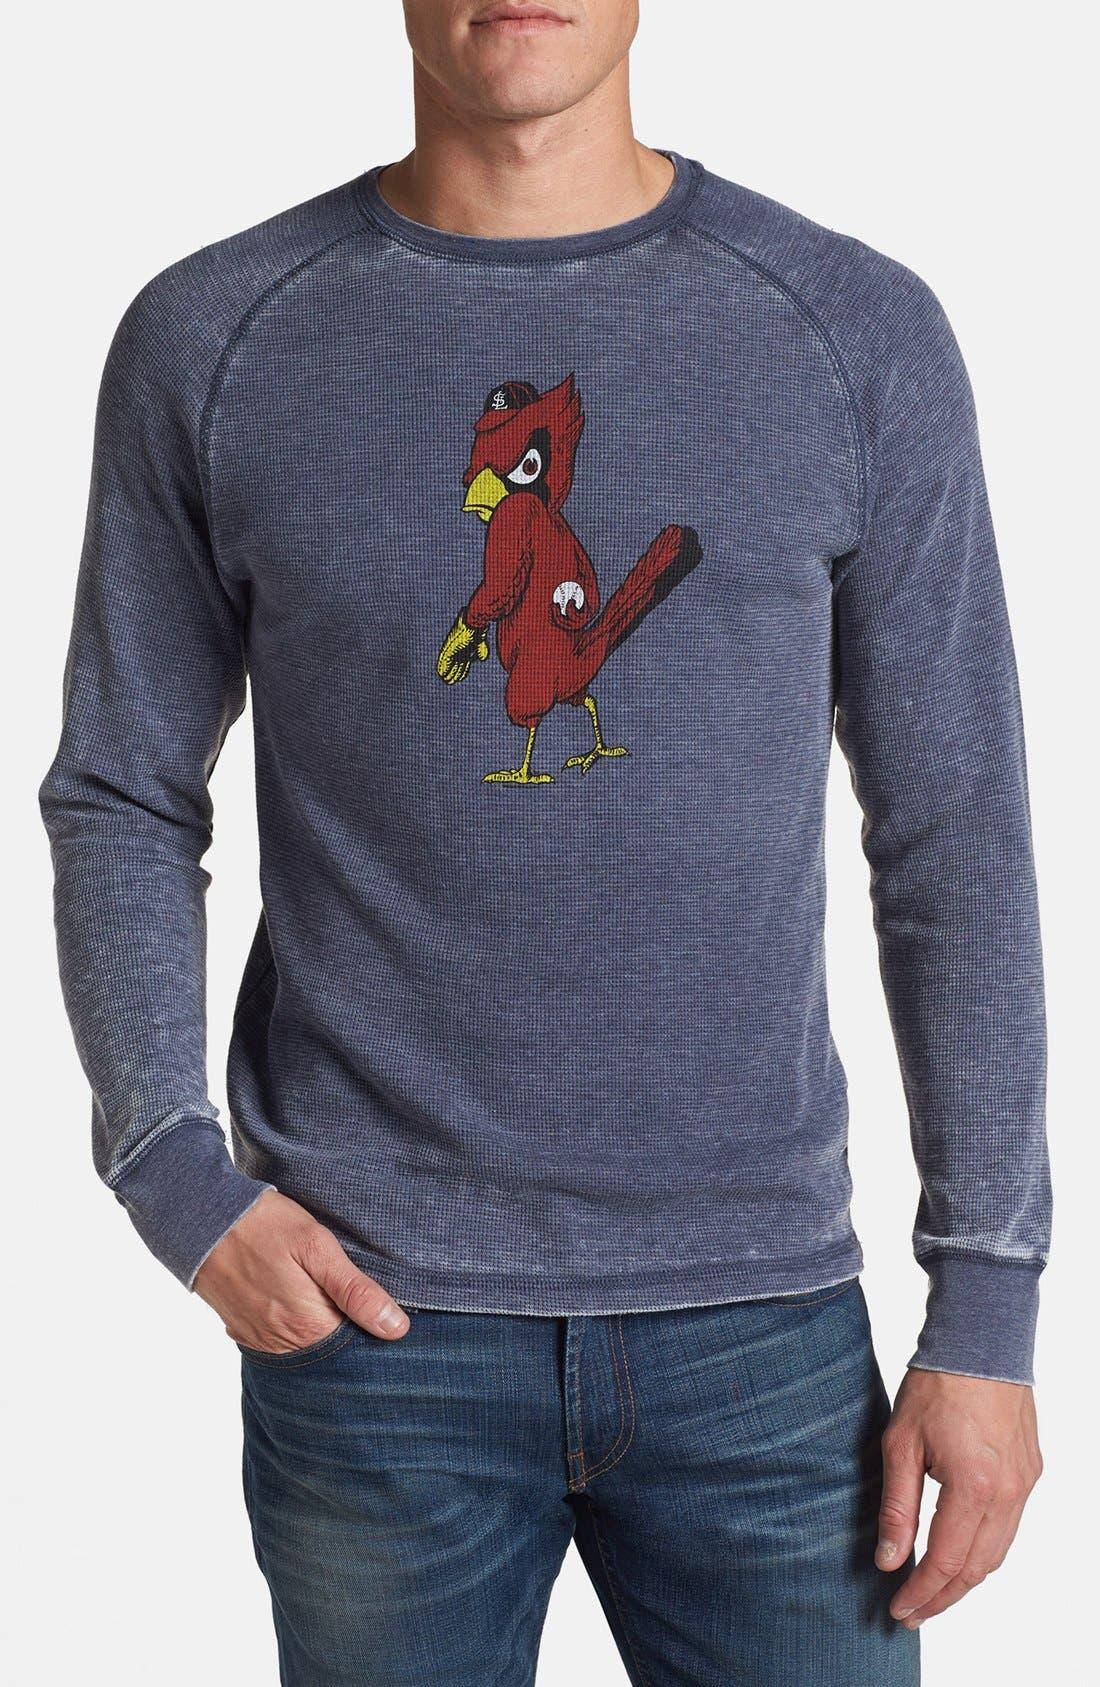 Main Image - Red Jacket 'Cardinals - Thermal Burn' Long Sleeve T-Shirt